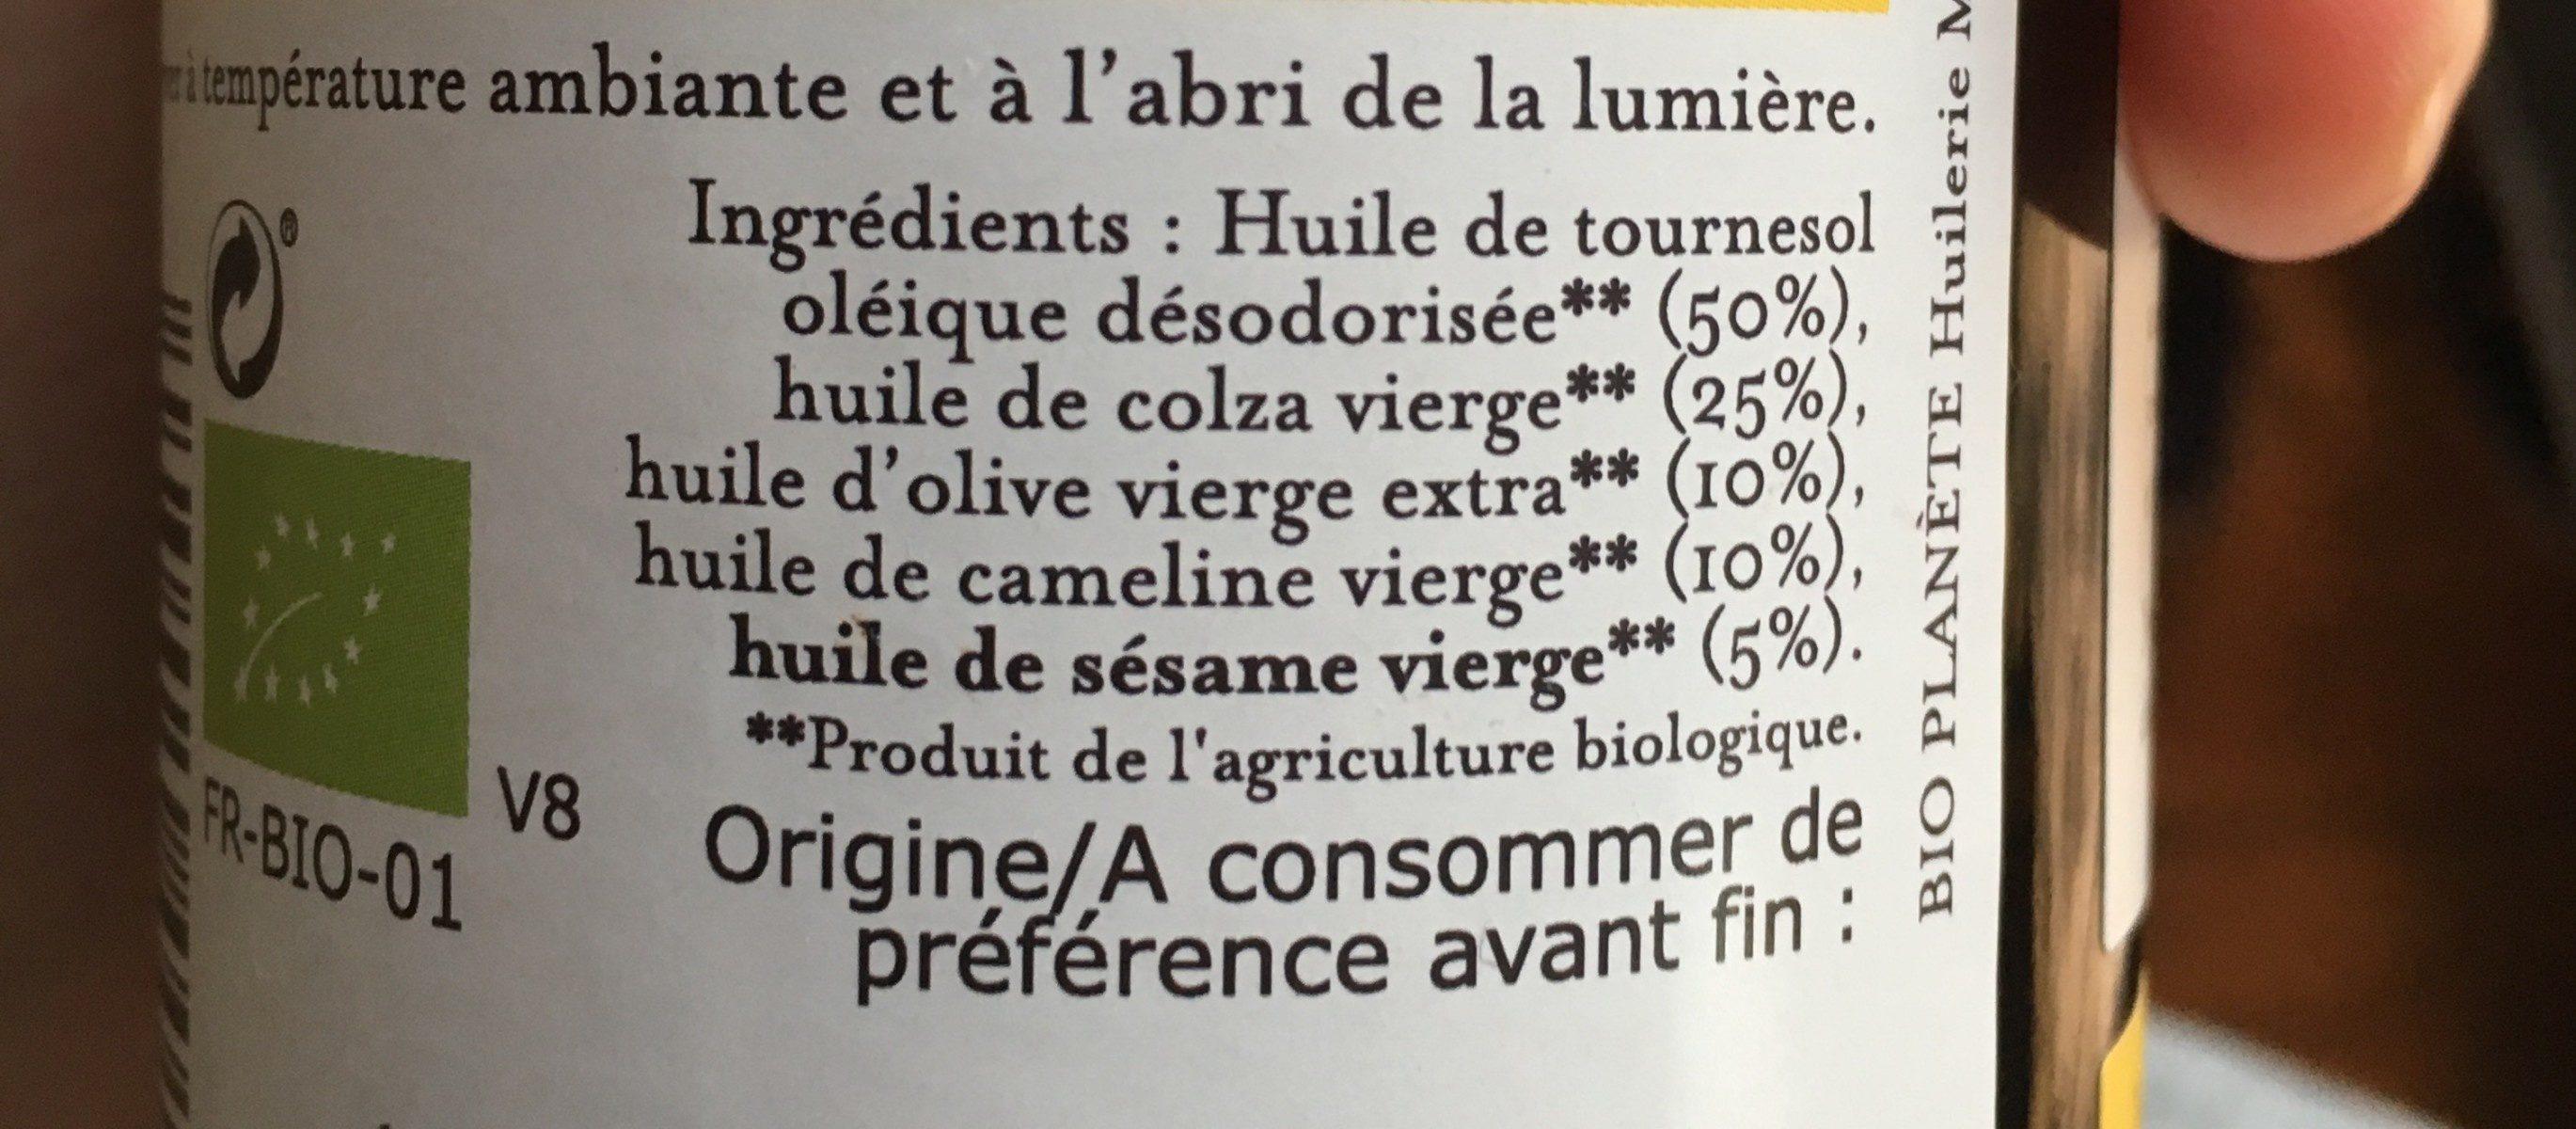 Oméga + Alliance de 5 huiles - Ingrediënten - fr